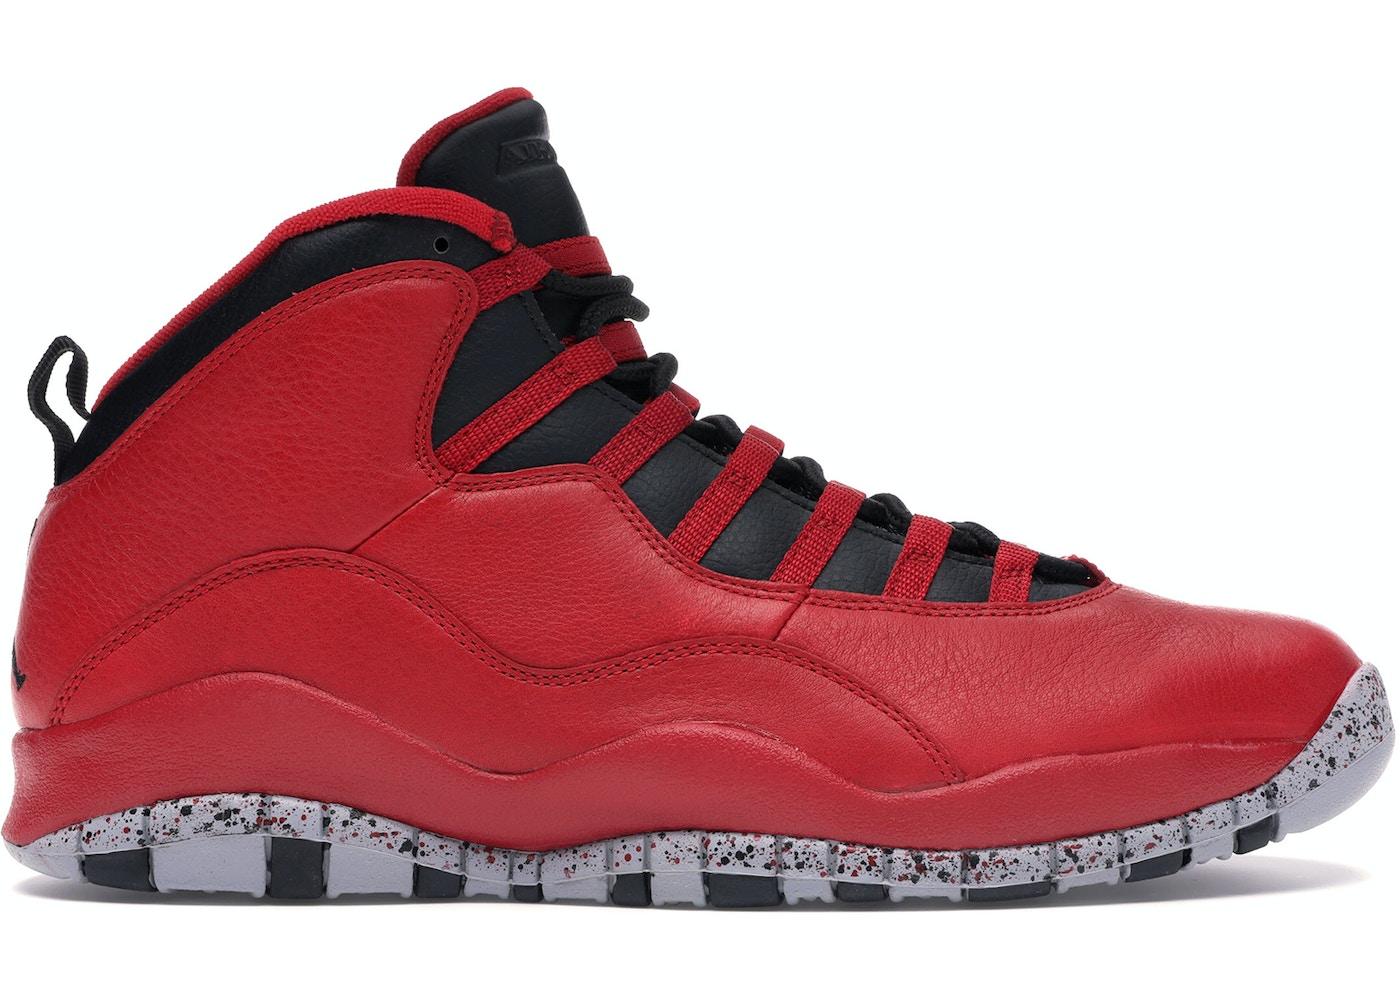 new styles c52c8 9eb8f Jordan 10 Retro Bulls Over Broadway